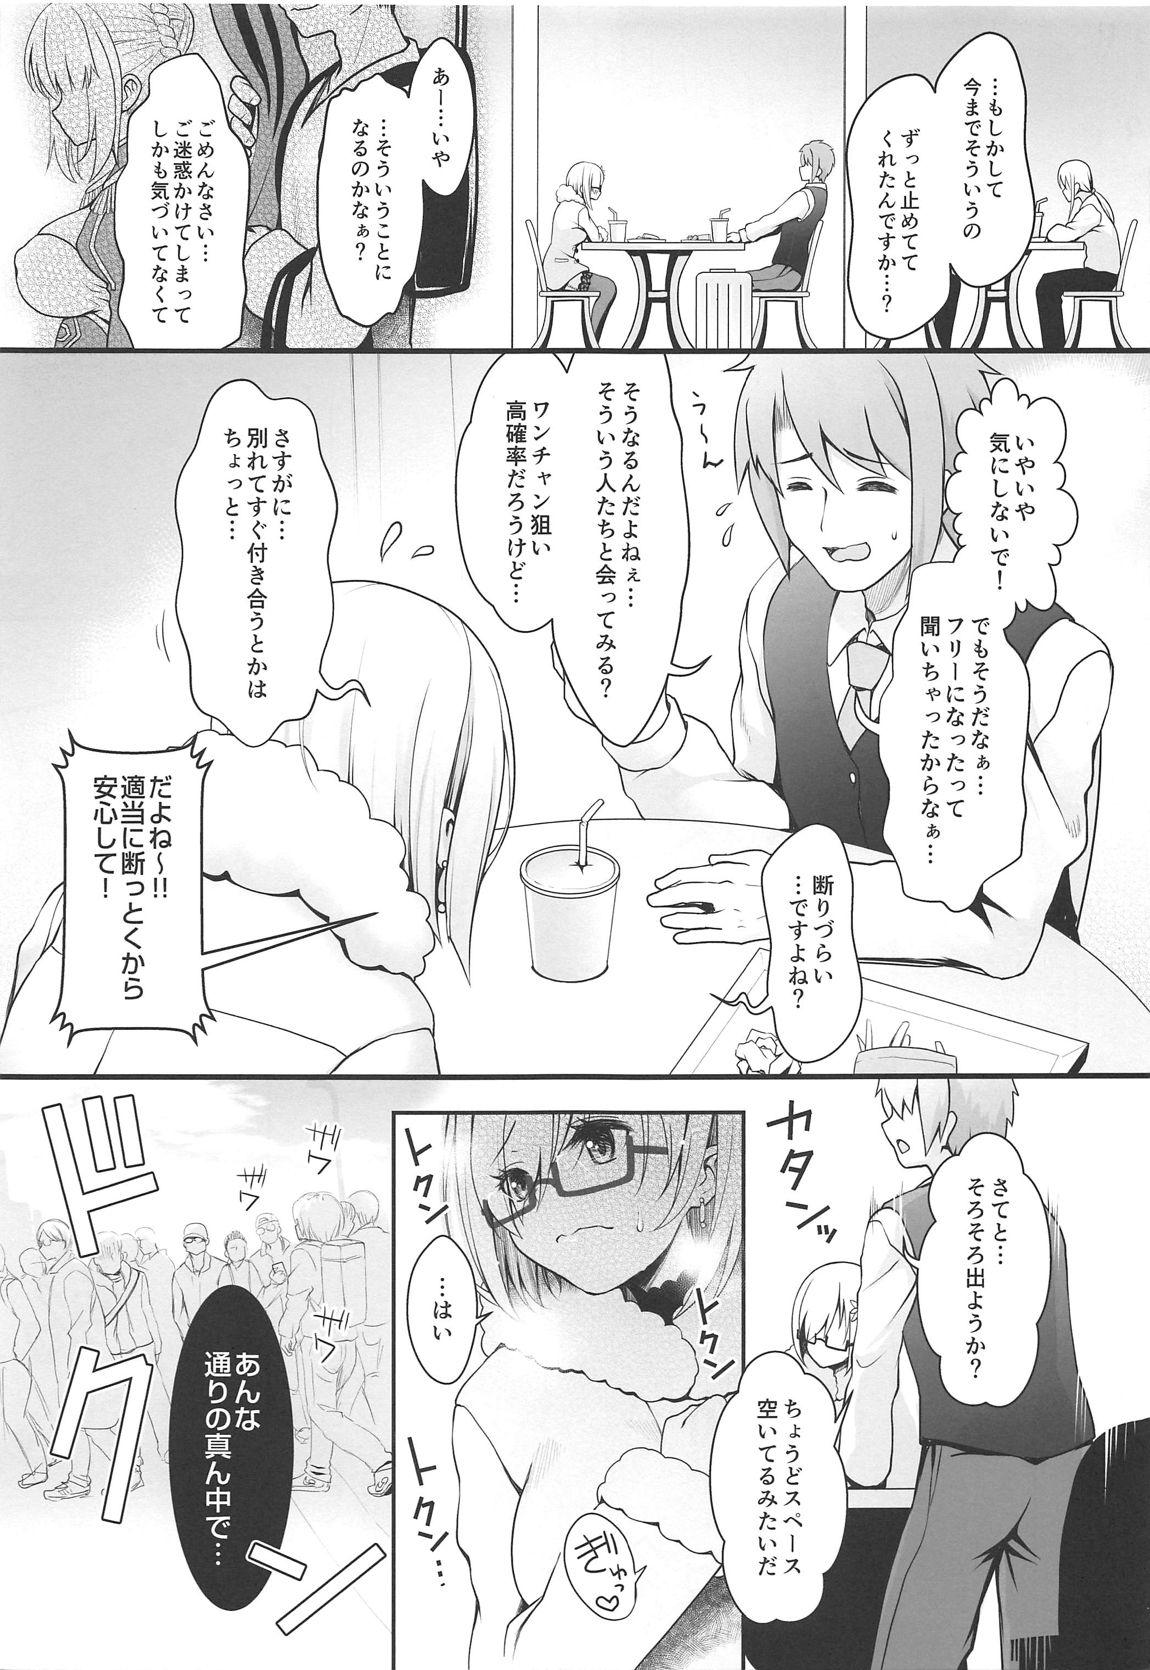 Purupuru Yurasu H-Cup Namachichi Hobo Marudashi Layer Icha Love Rojou CosEve Date 5